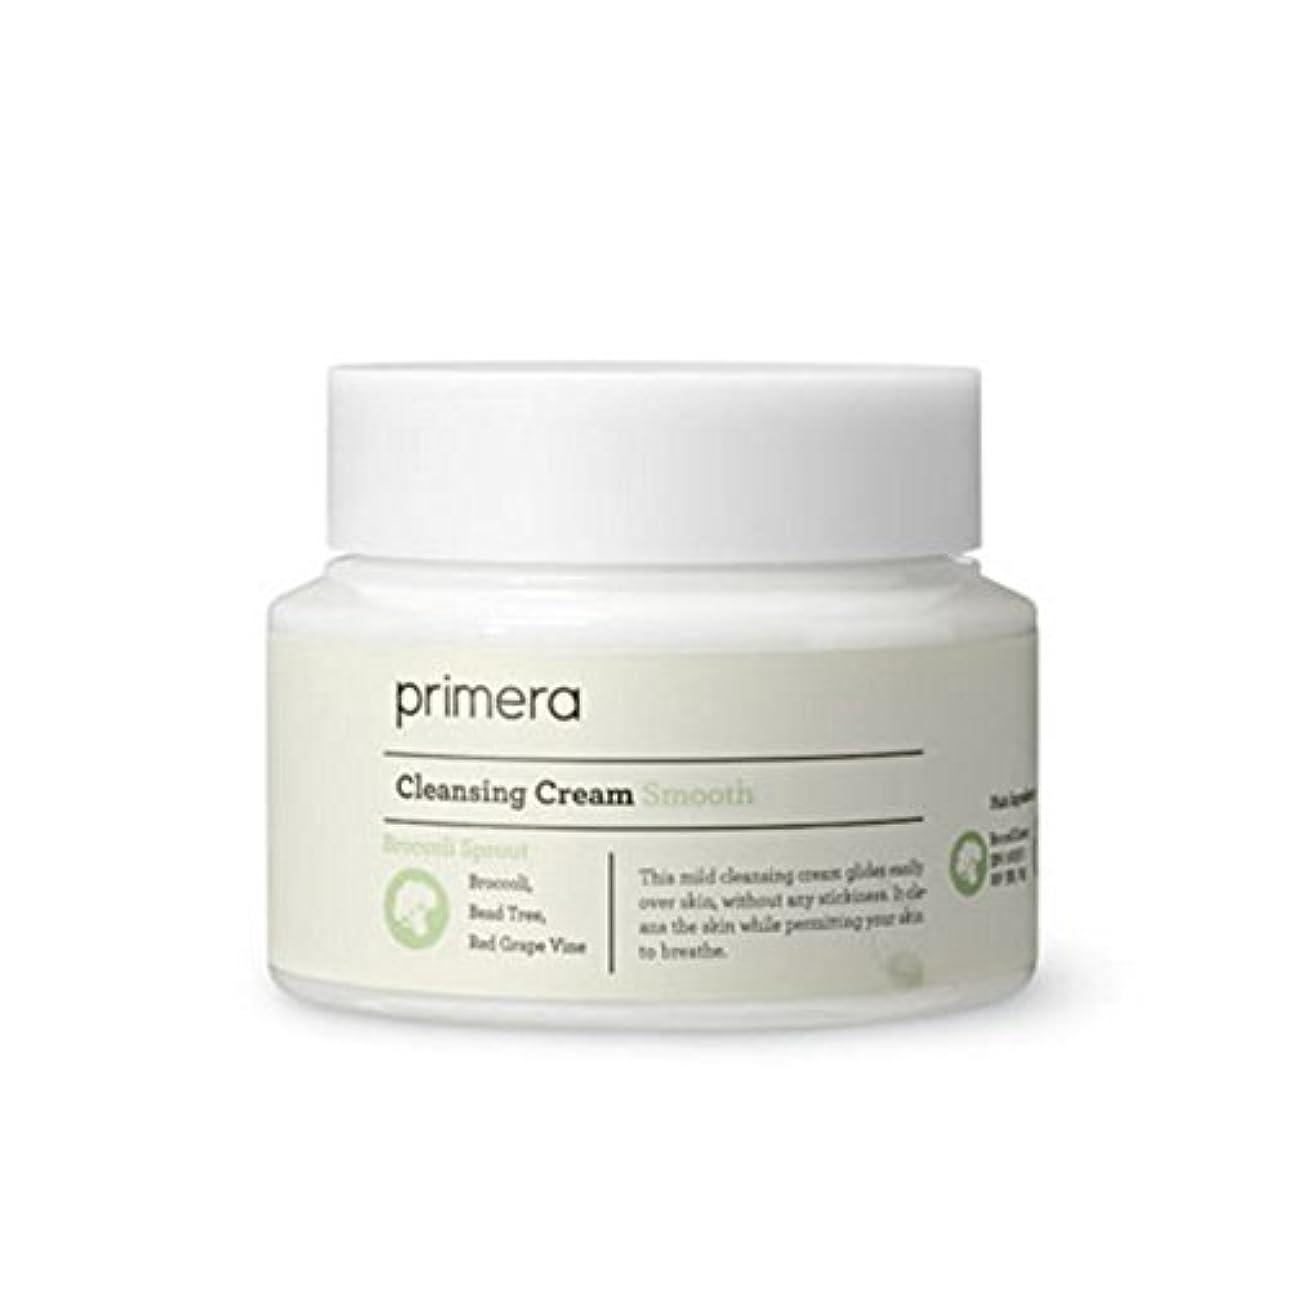 リング受け入れる広告する【プリメーラ】 PRIMERA Smooth Cleansing Cream スムース クレンジングクリーム 【韓国直送品】 OOPSPANDA